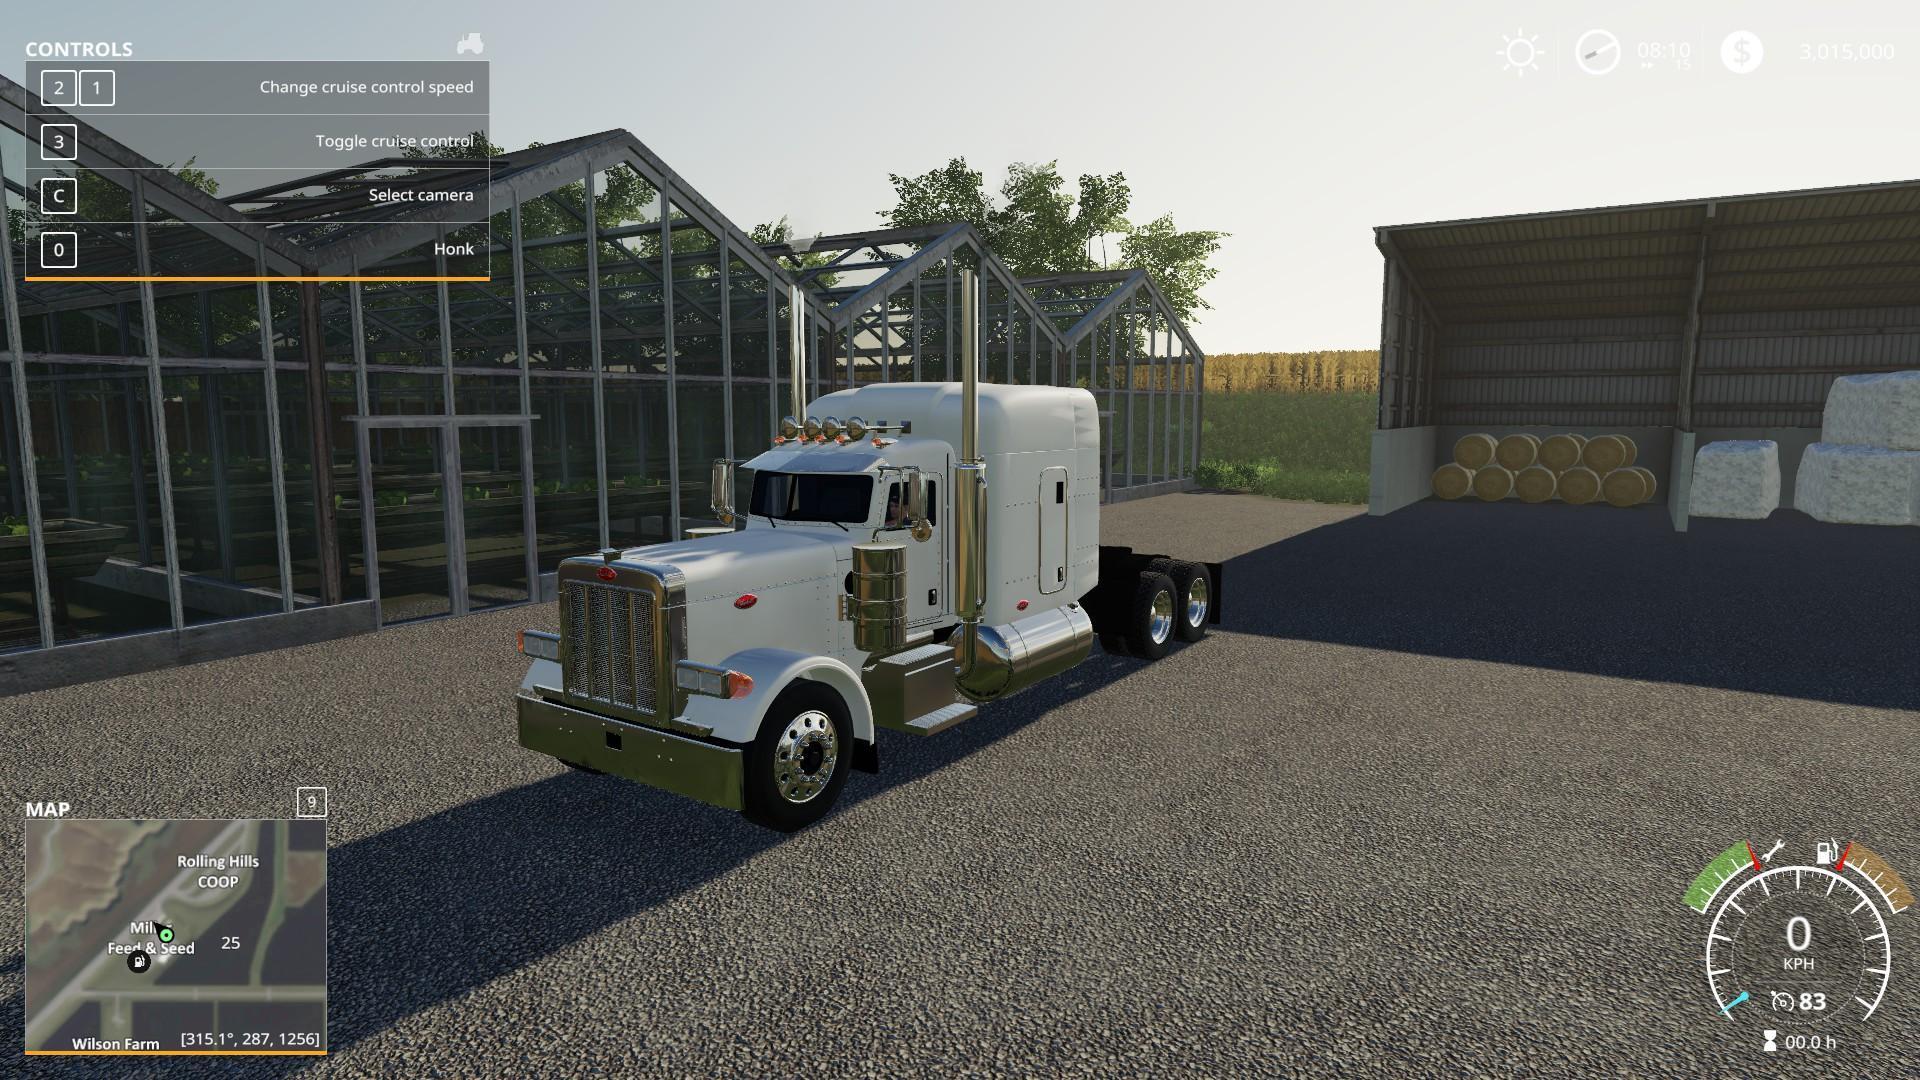 1987 Peterbilt 379 Truck v1 1 FS19 - Farming Simulator 19 Mod | FS19 mod